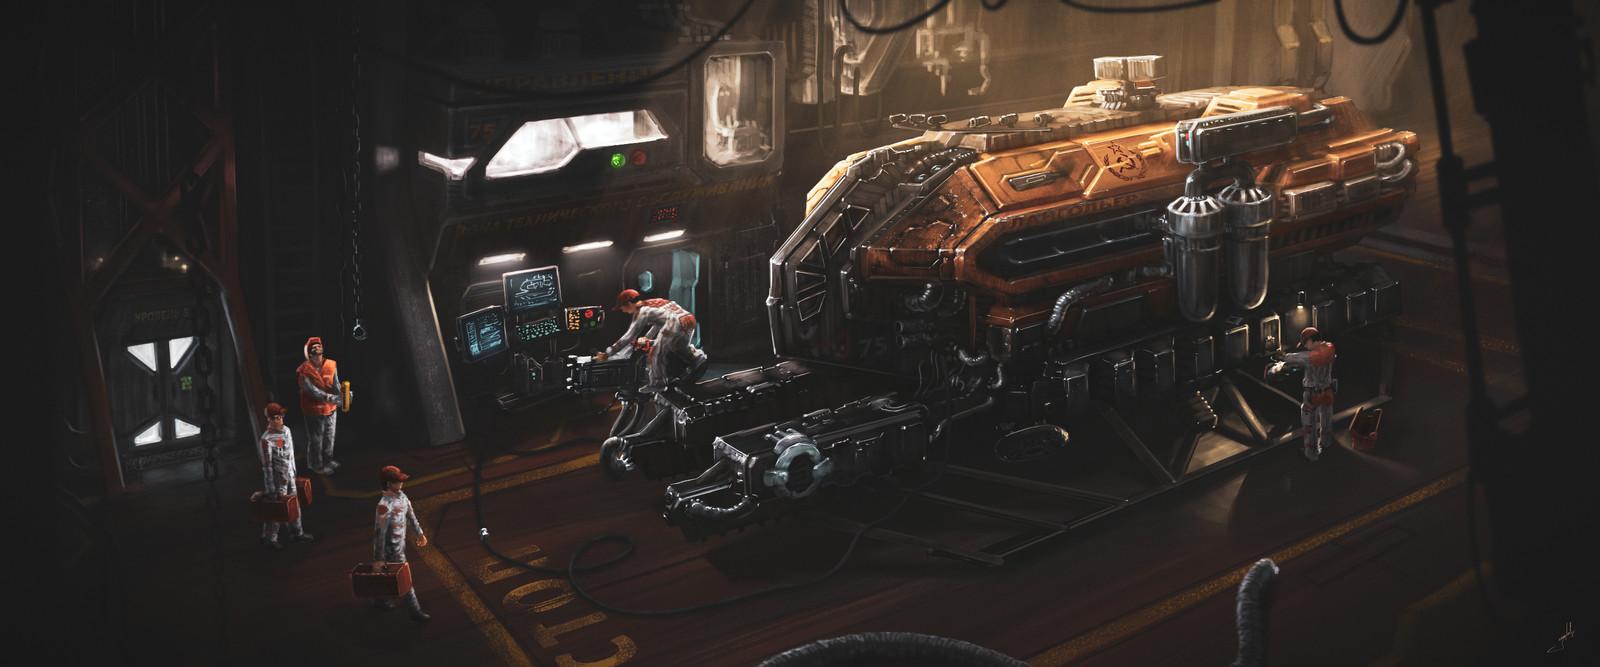 Mining Spacecraft